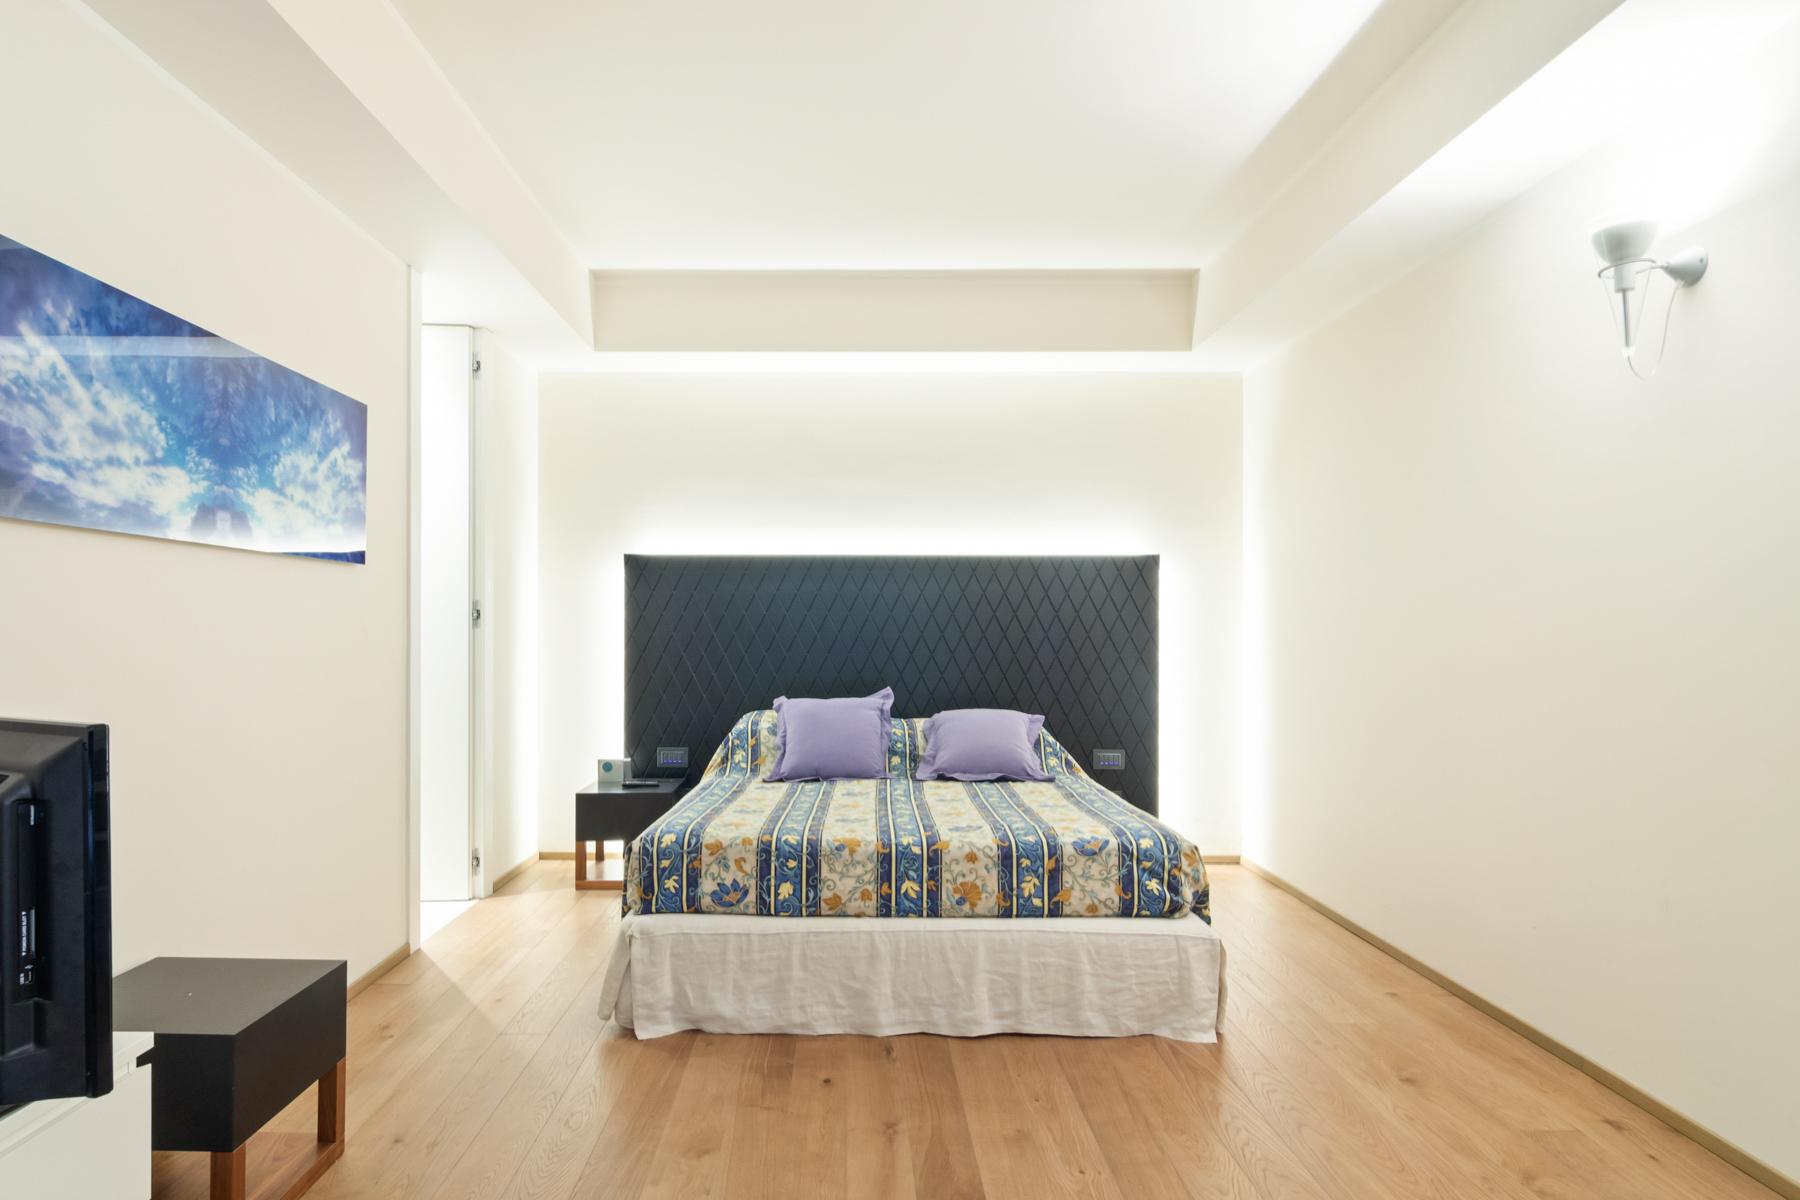 Appartamento in Vendita a Santa Margherita Ligure: 4 locali, 124 mq - Foto 8